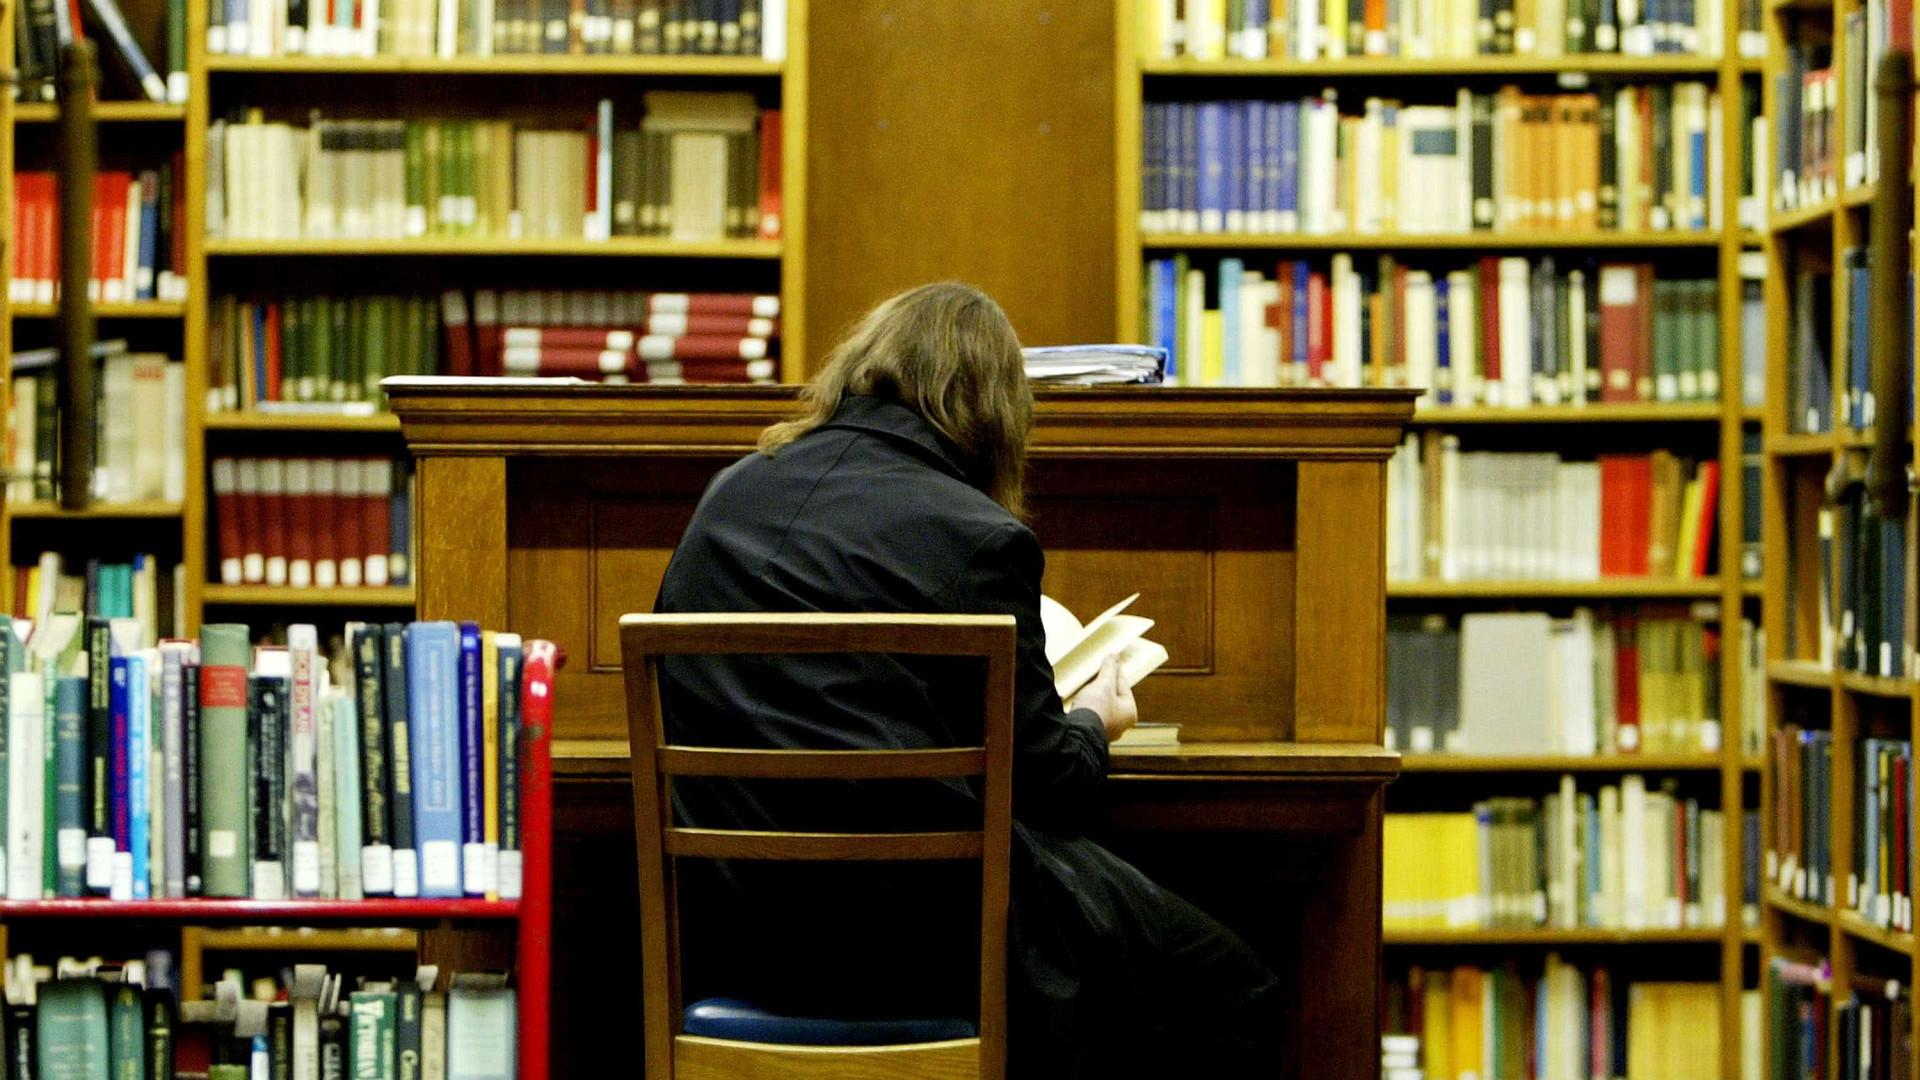 Bibliotecas públicas com mais leitores inscritos, mas menos visitas